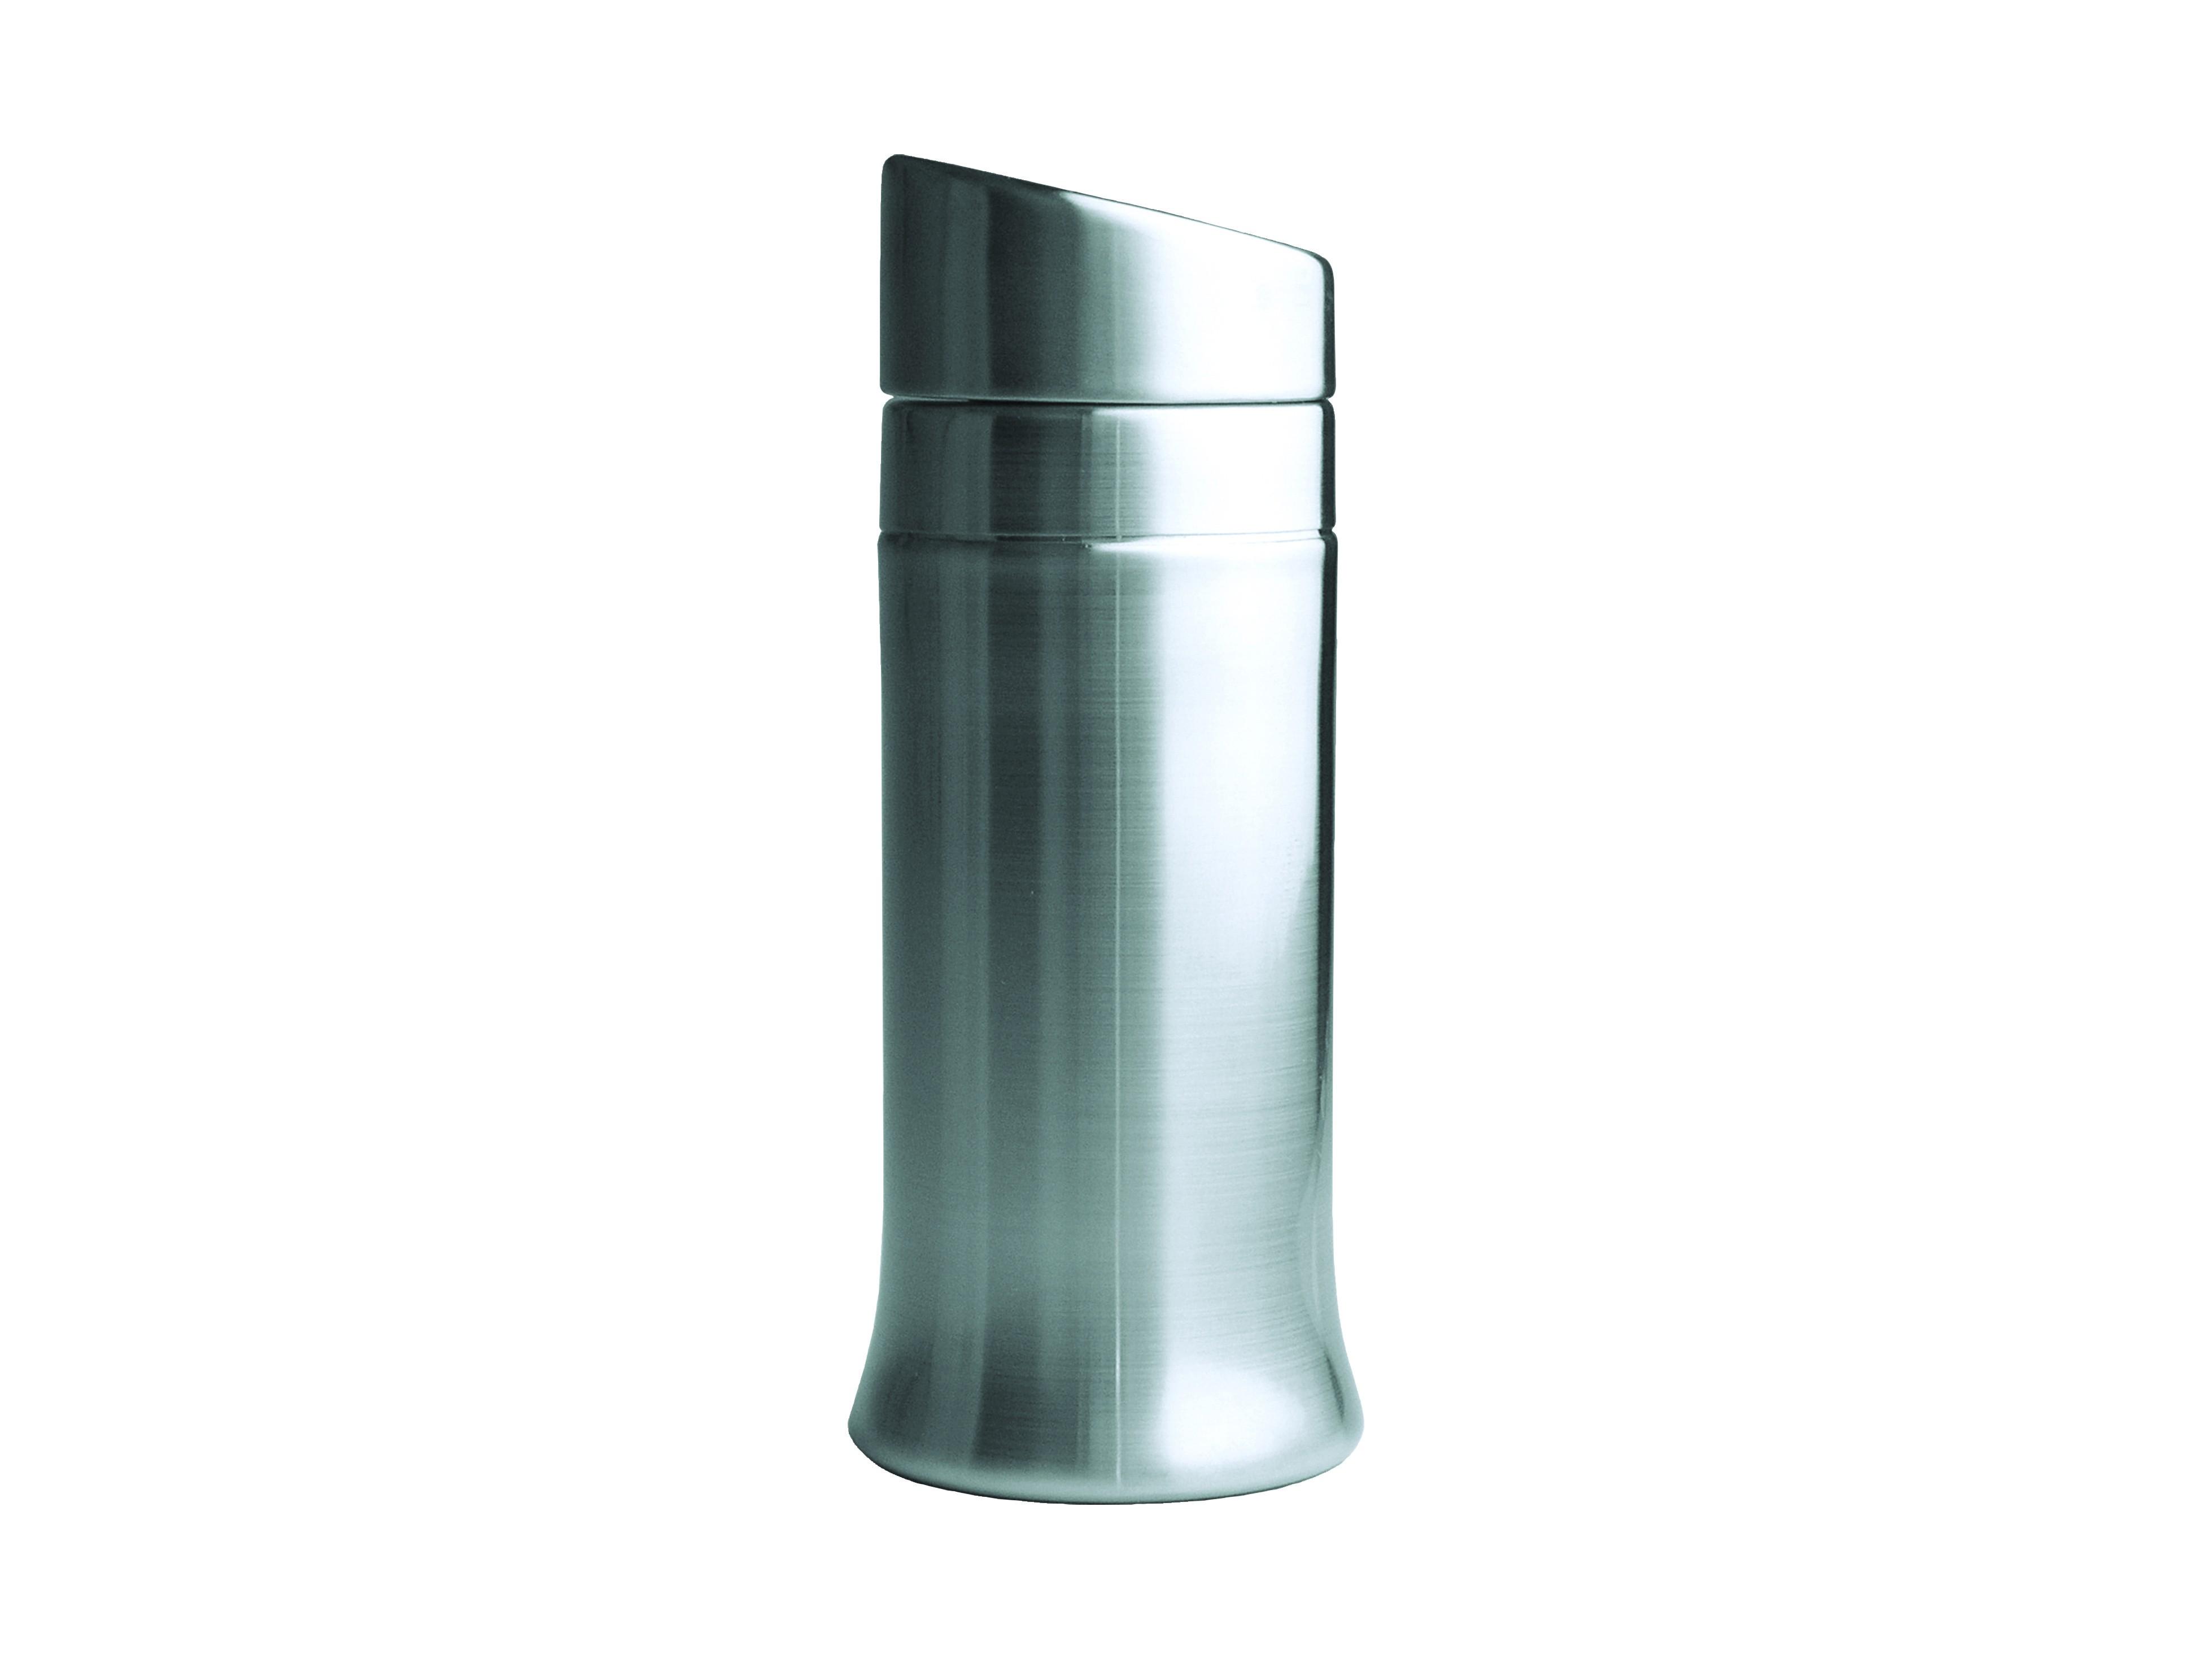 Σέικερ Ανοξείδωτο Essentials Salt & Pepper home   αξεσουαρ κουζινας   αξεσουάρ bar   σέικερ